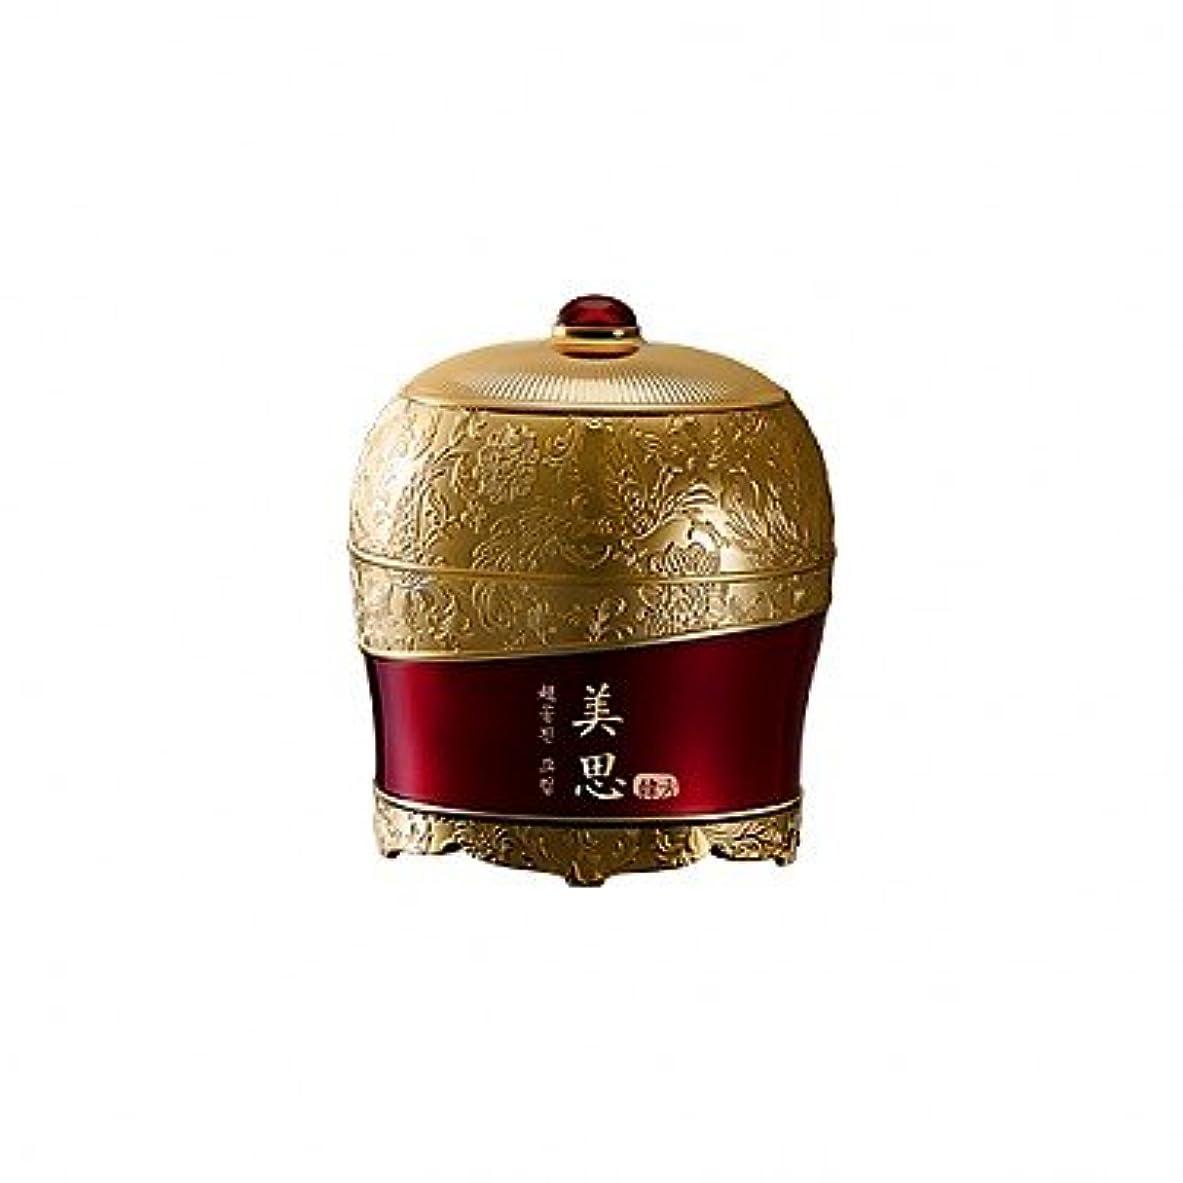 従者マーカー箱MISSHA/ミシャ チョゴンジン クリーム (旧チョボヤン) 60ml[海外直送品]